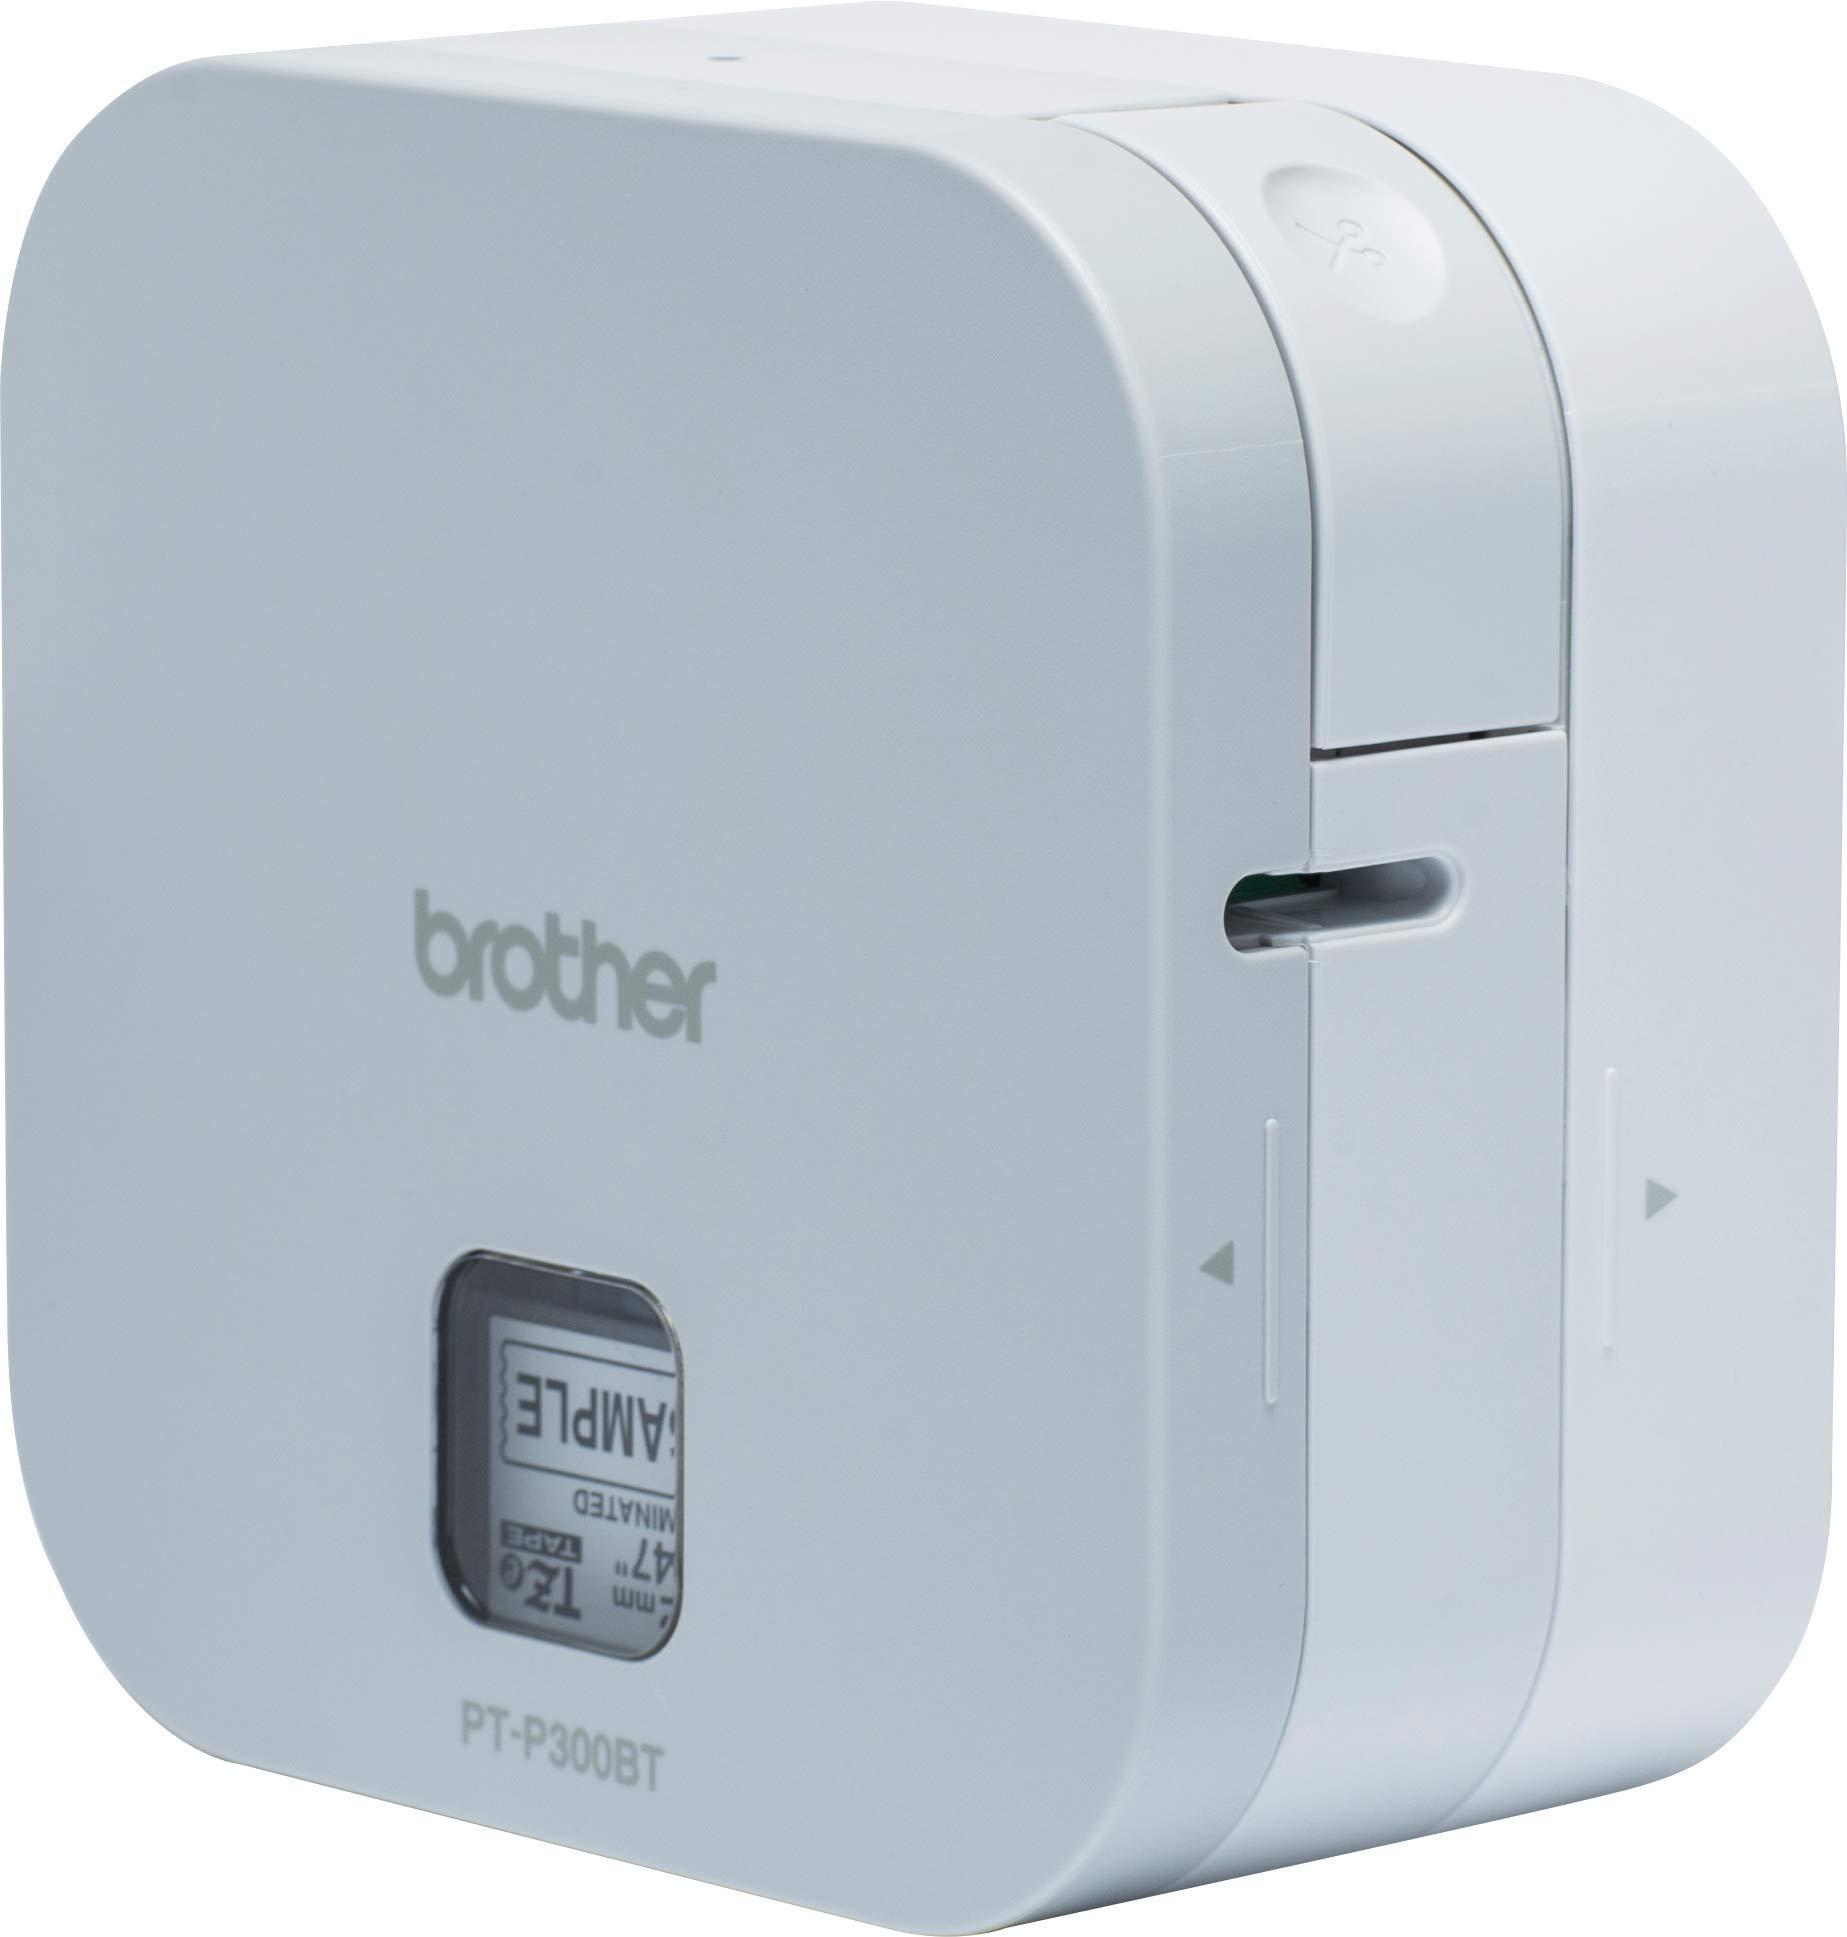 ブラザーptp300btg1  -  blautooth  -  P-タッチキューブのラベル